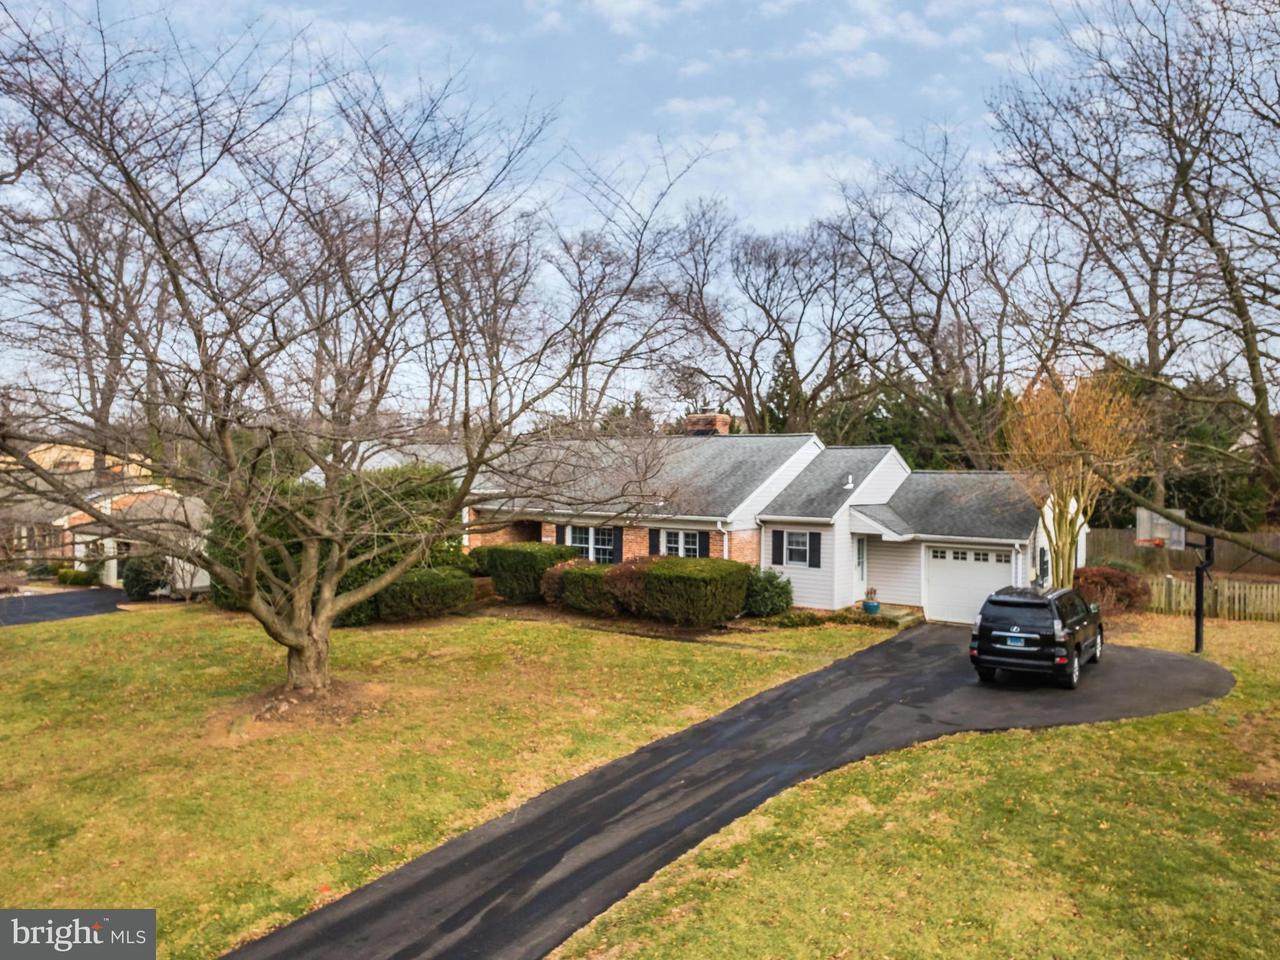 Частный односемейный дом для того Продажа на 11301 HUNTOVER Drive 11301 HUNTOVER Drive North Bethesda, Мэриленд 20852 Соединенные Штаты